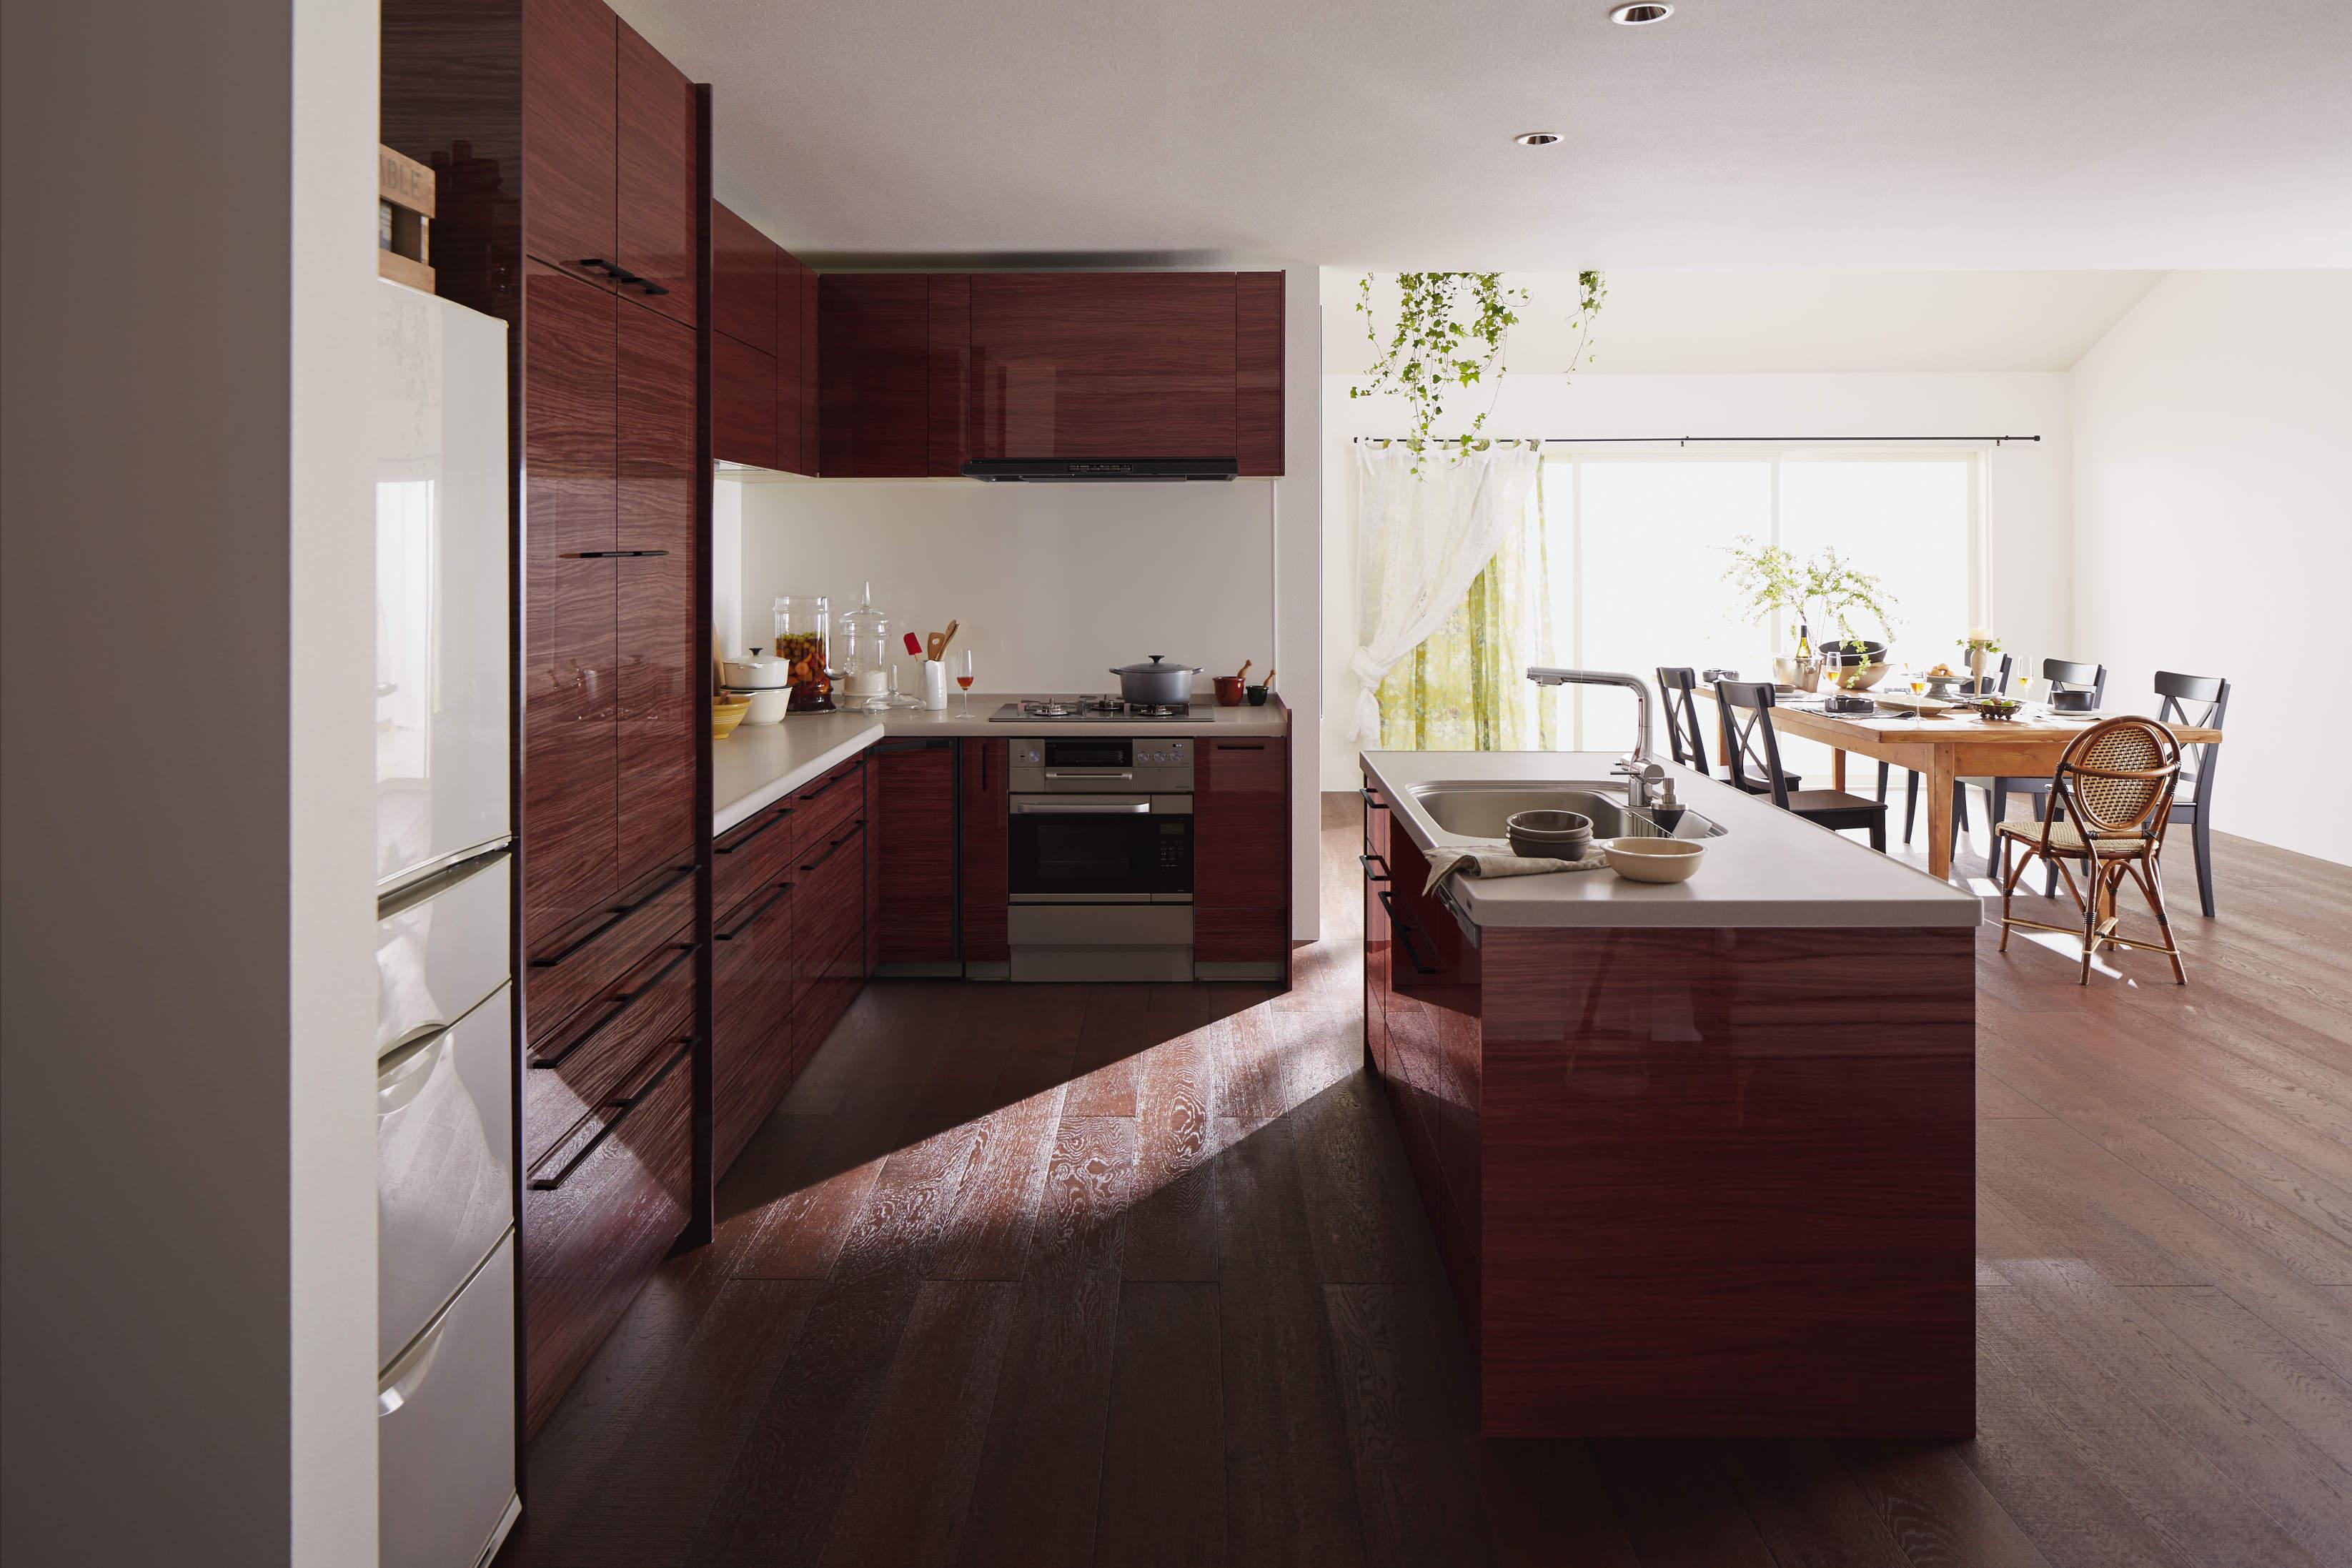 ウッディな床と木目のアイランドキッチンで開放的なLDK サムネイル画像